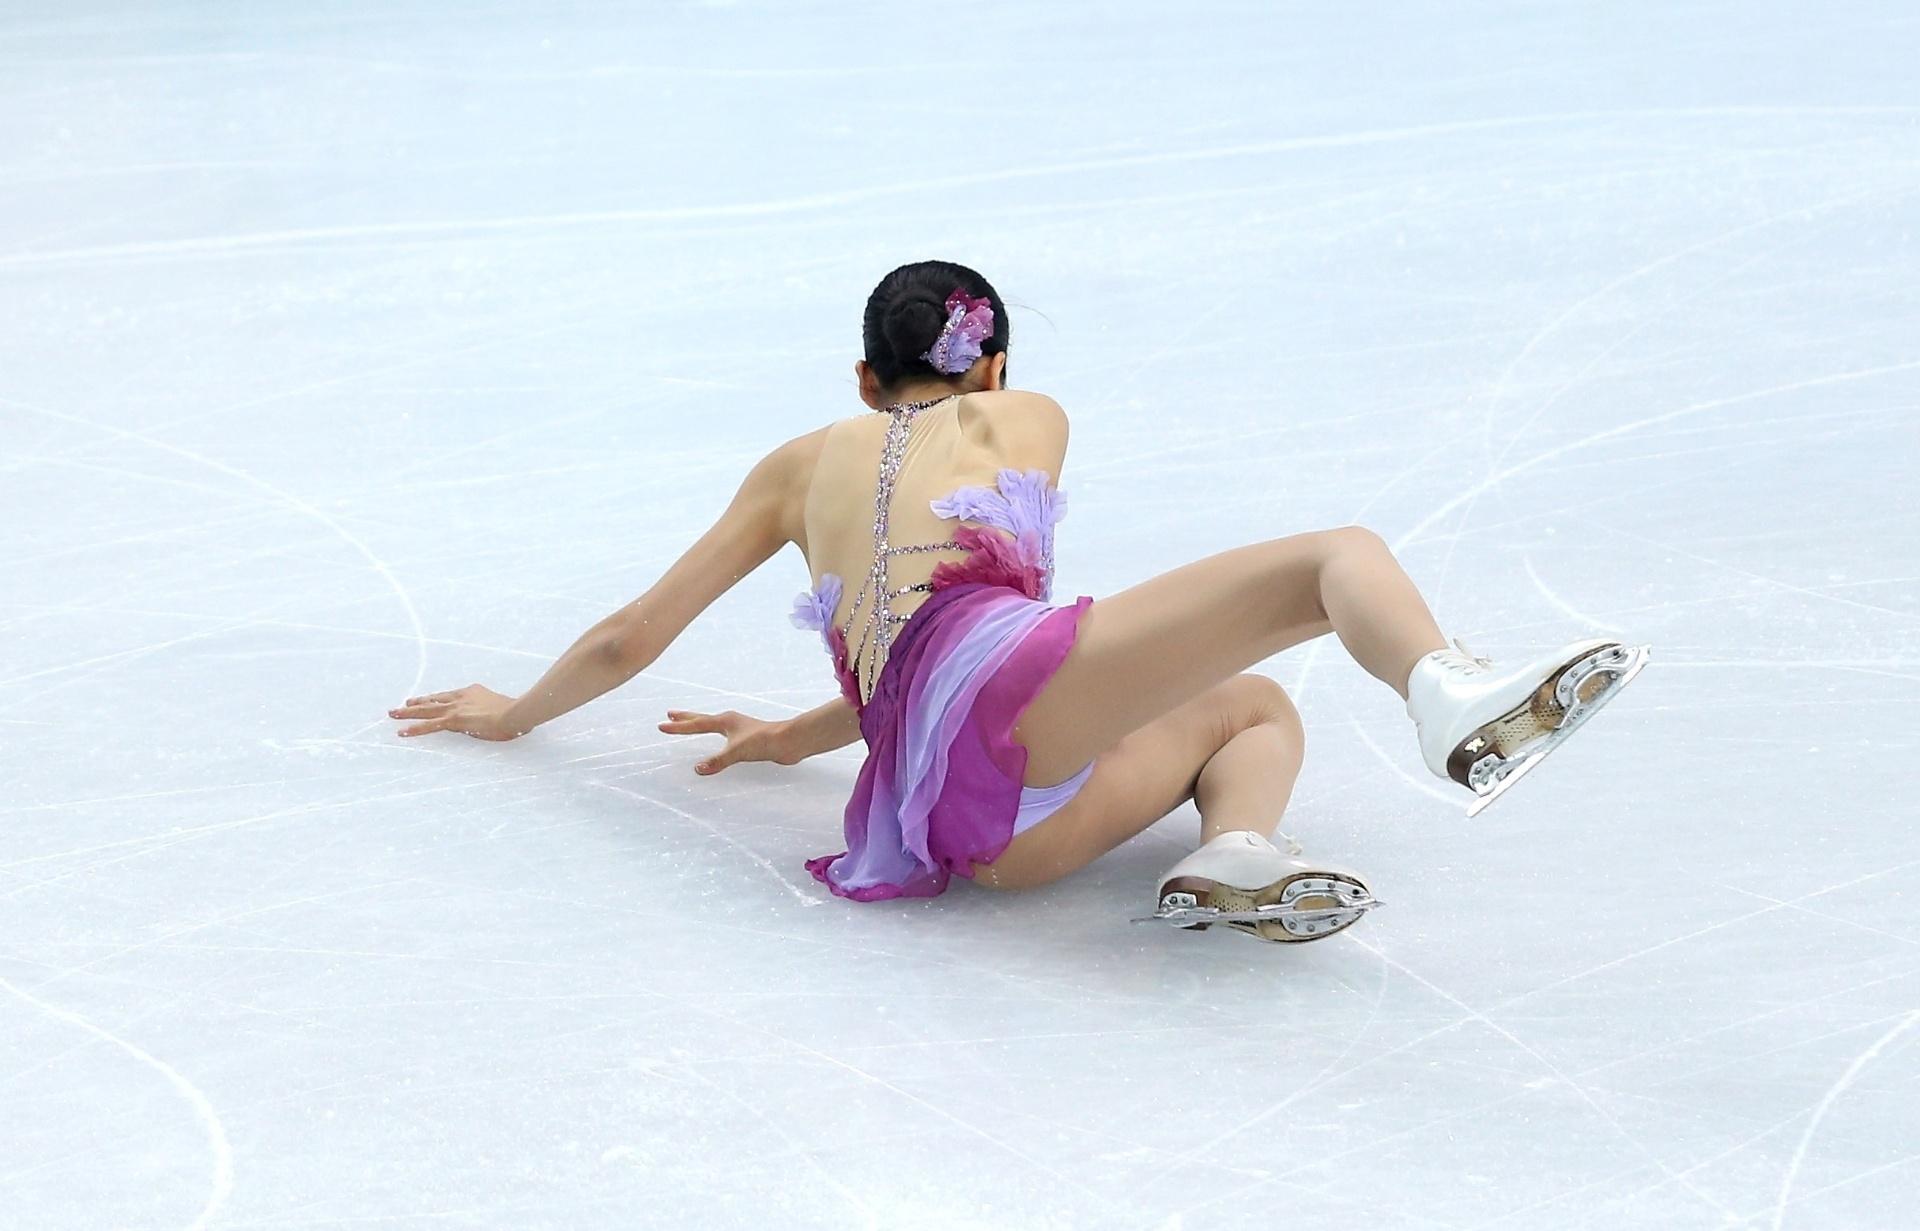 09.02.2014 - Japonesa Mao Asada, da patinação artística, escorregou durante sua exibição em Sochi